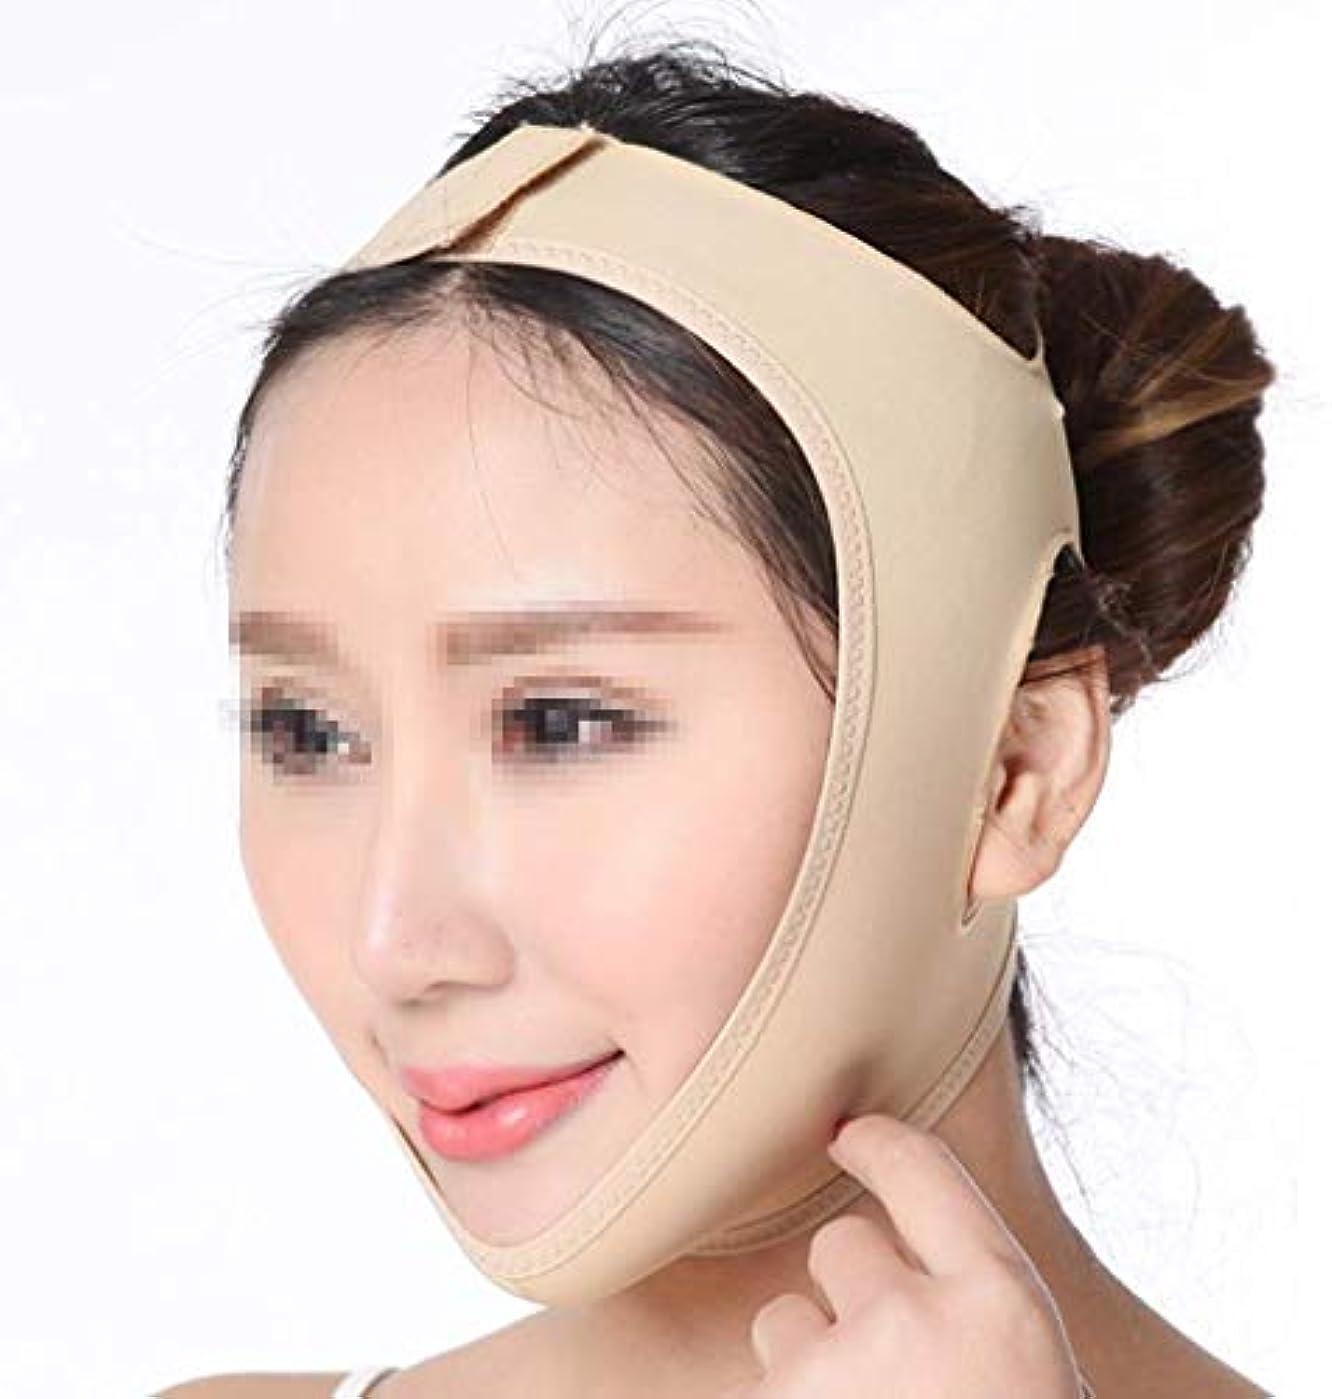 ミネラル信号空いている美容と実用的な美容マスク、回復後のラインカービングダブルチンフェイスリフトアーティファクトフェイススモールVフェイスインストゥルメントバンデージリフティングケアヘッドギア(サイズ:S)